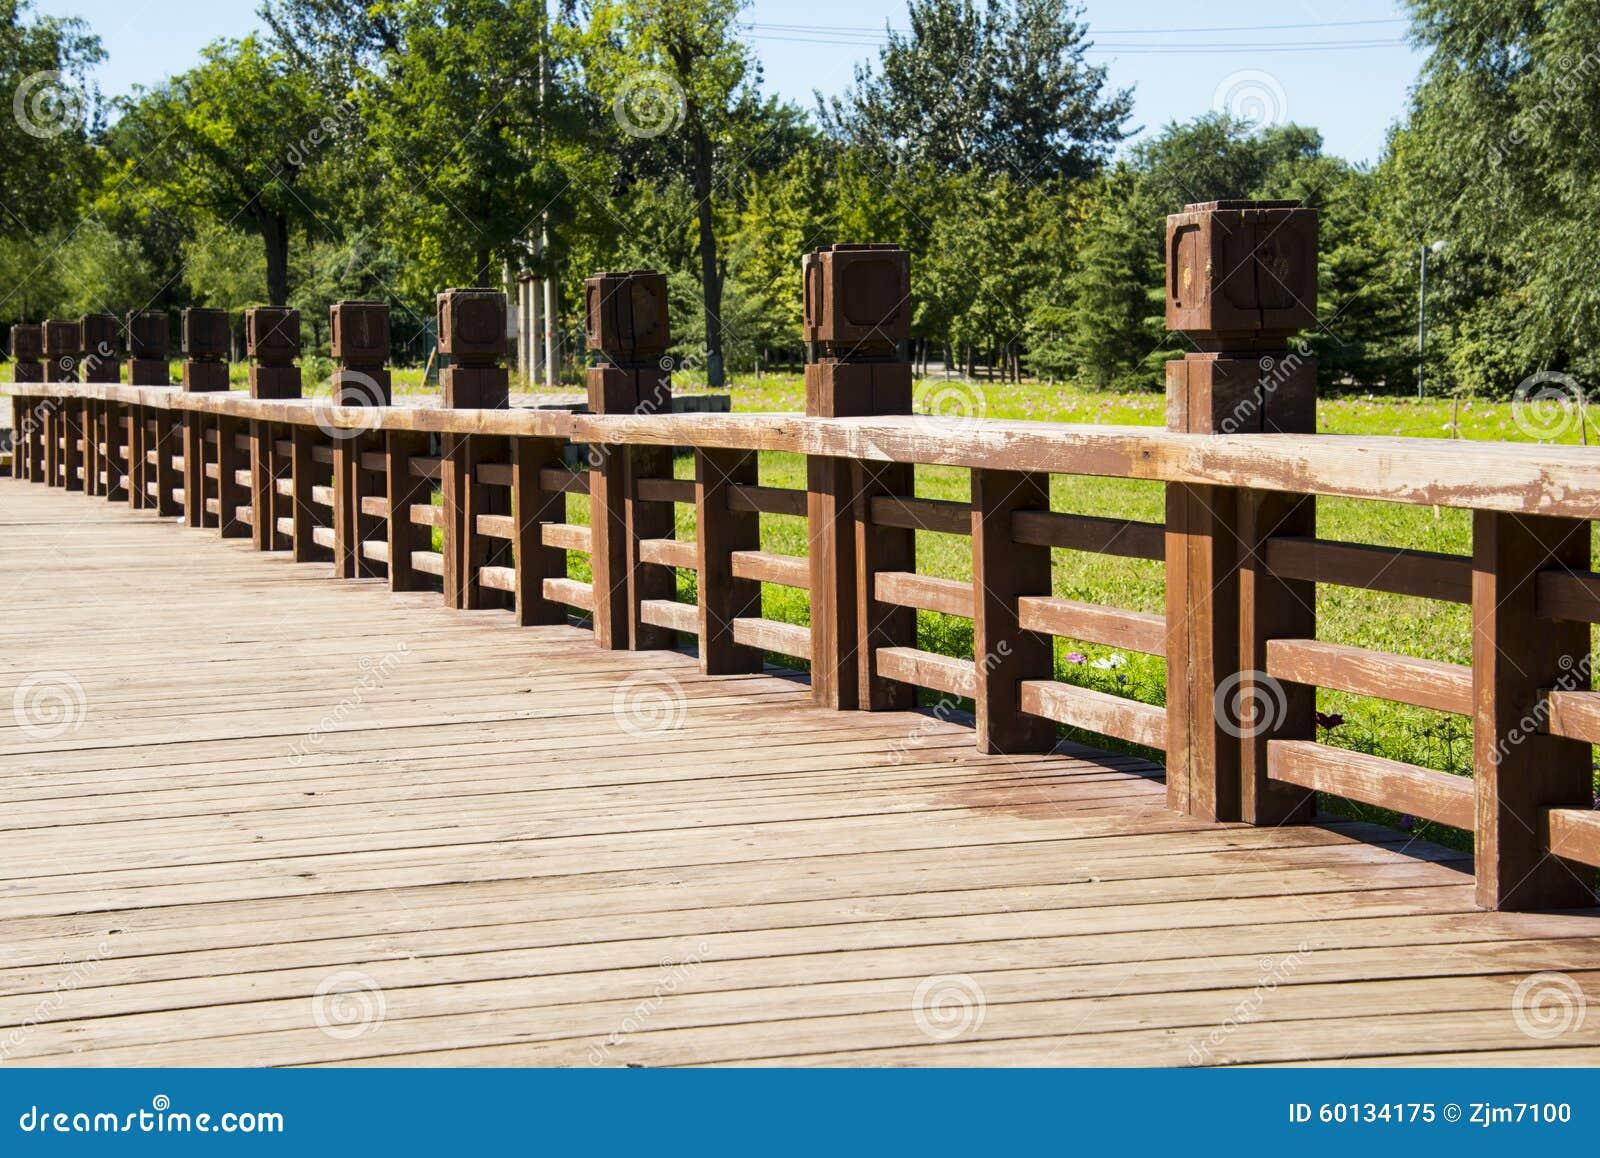 Acera de madera verjas de madera imagen de archivo - Verjas de madera ...